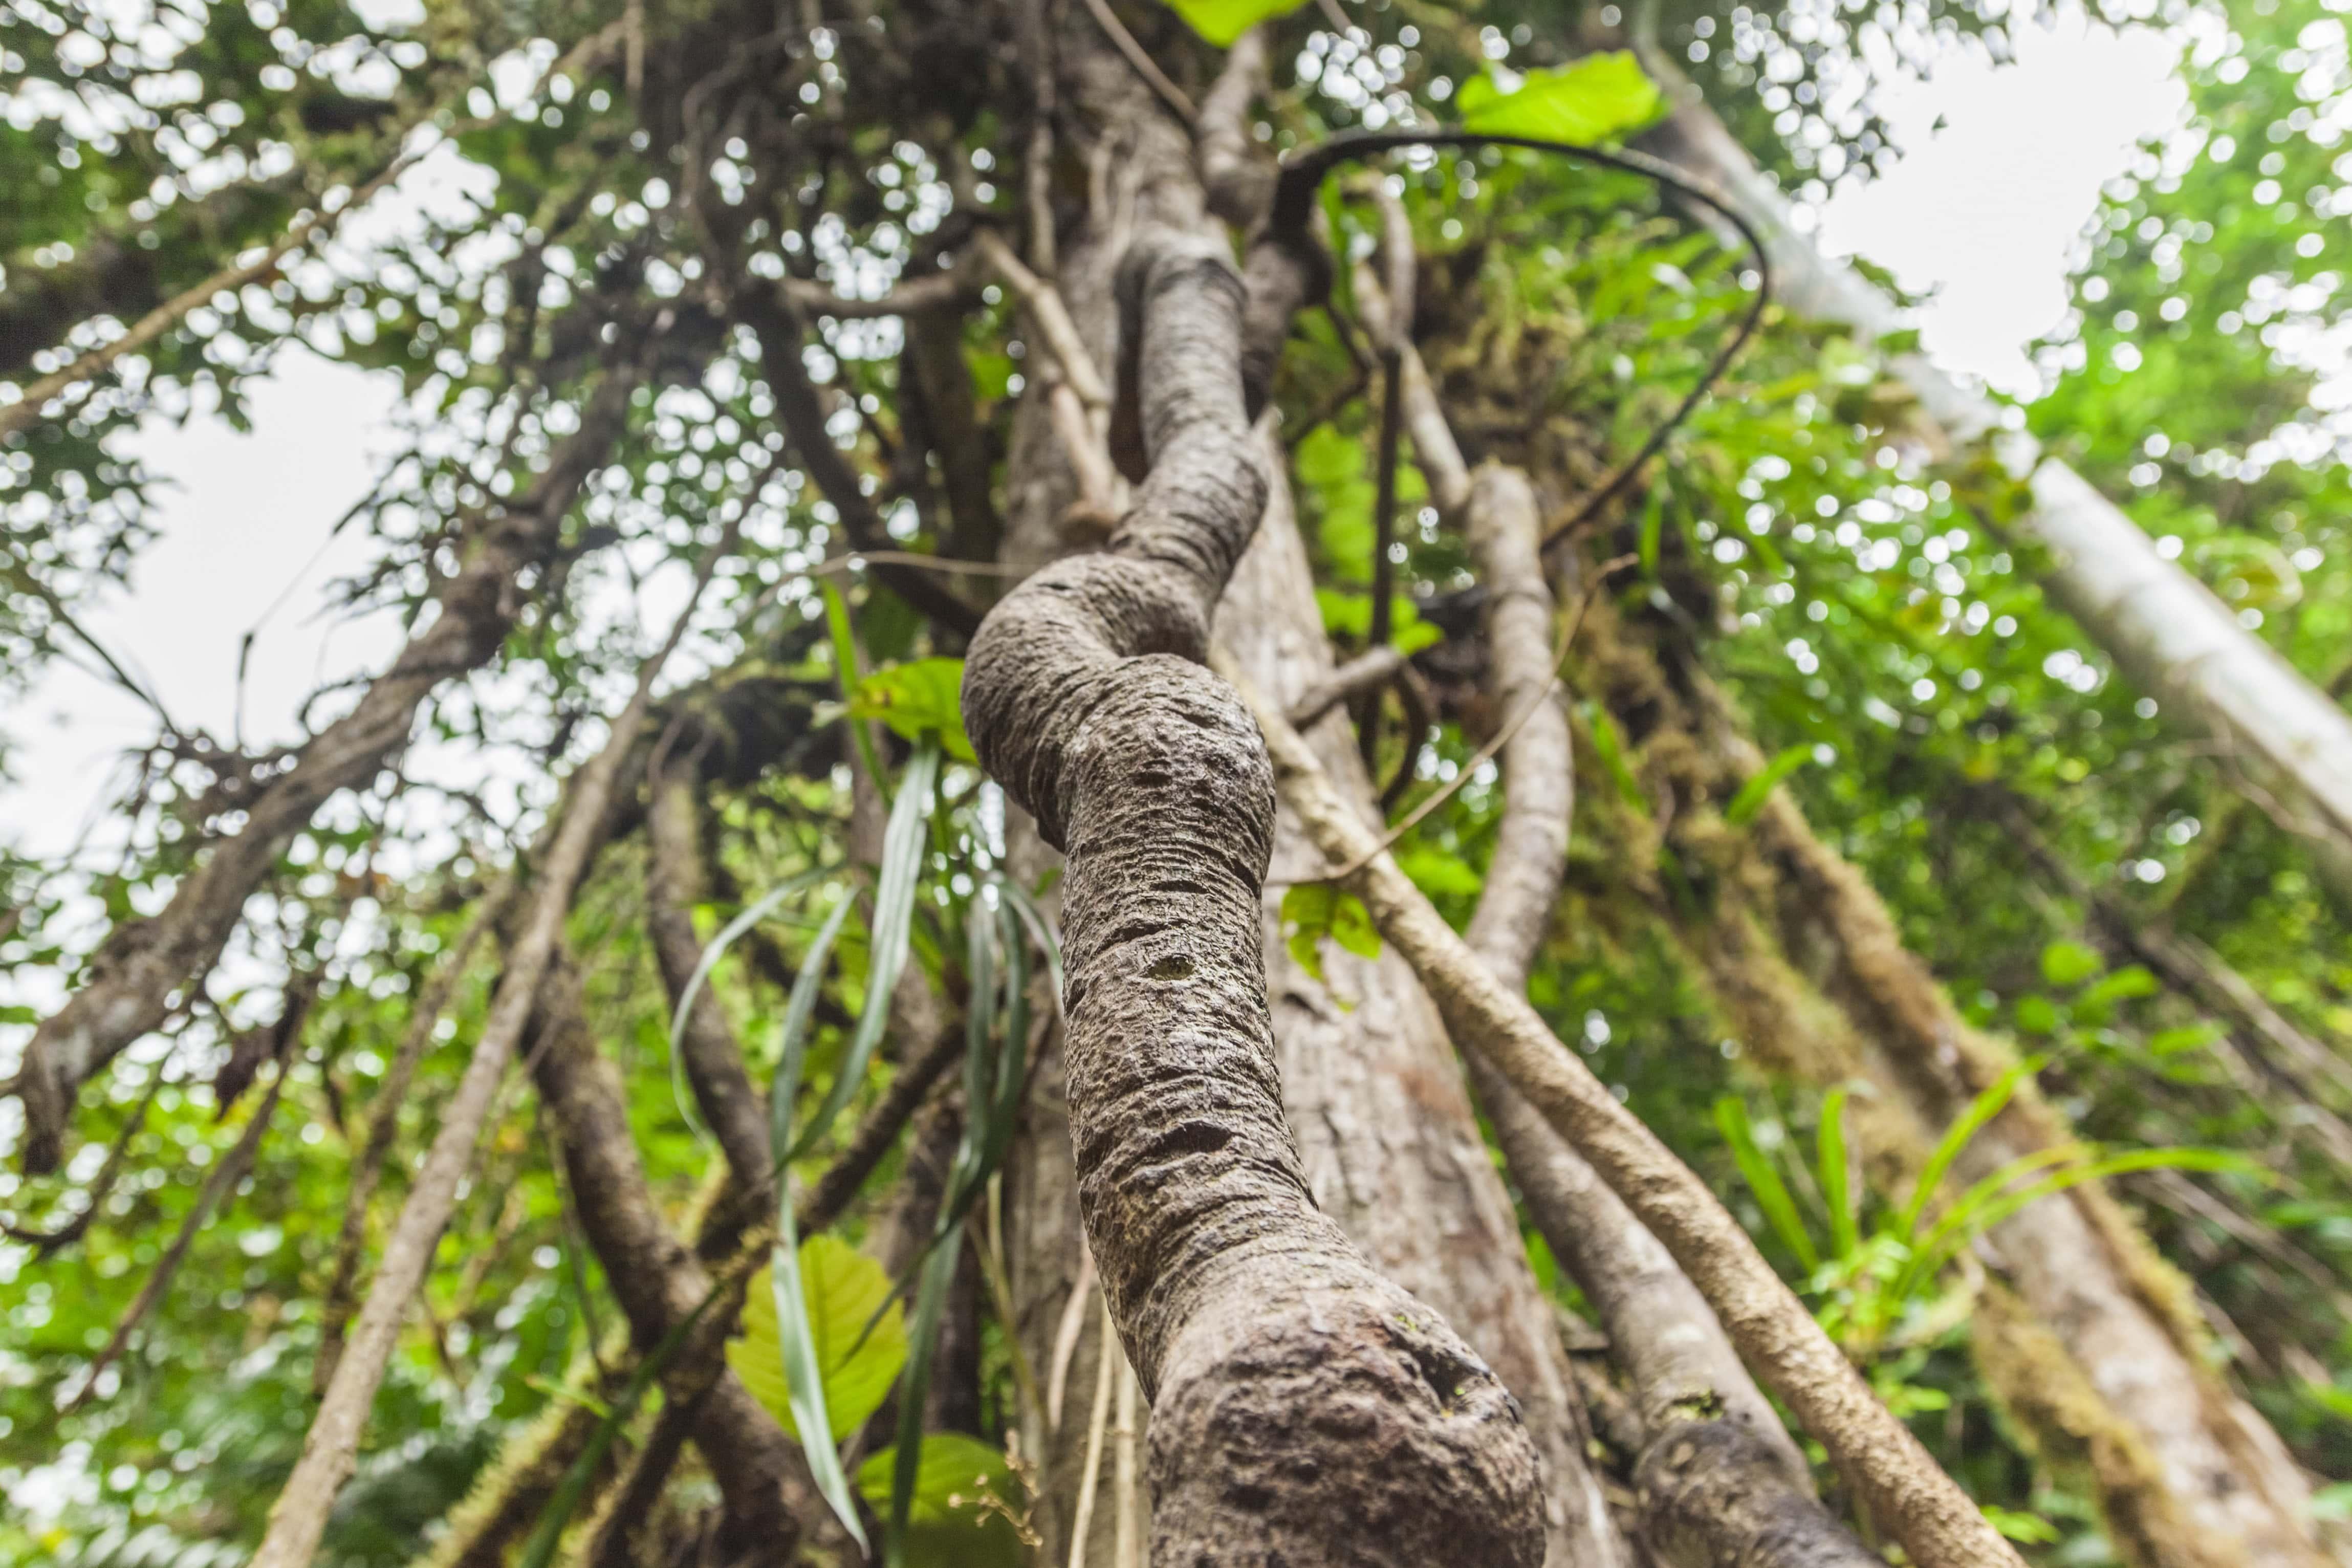 Ayahuasca plant